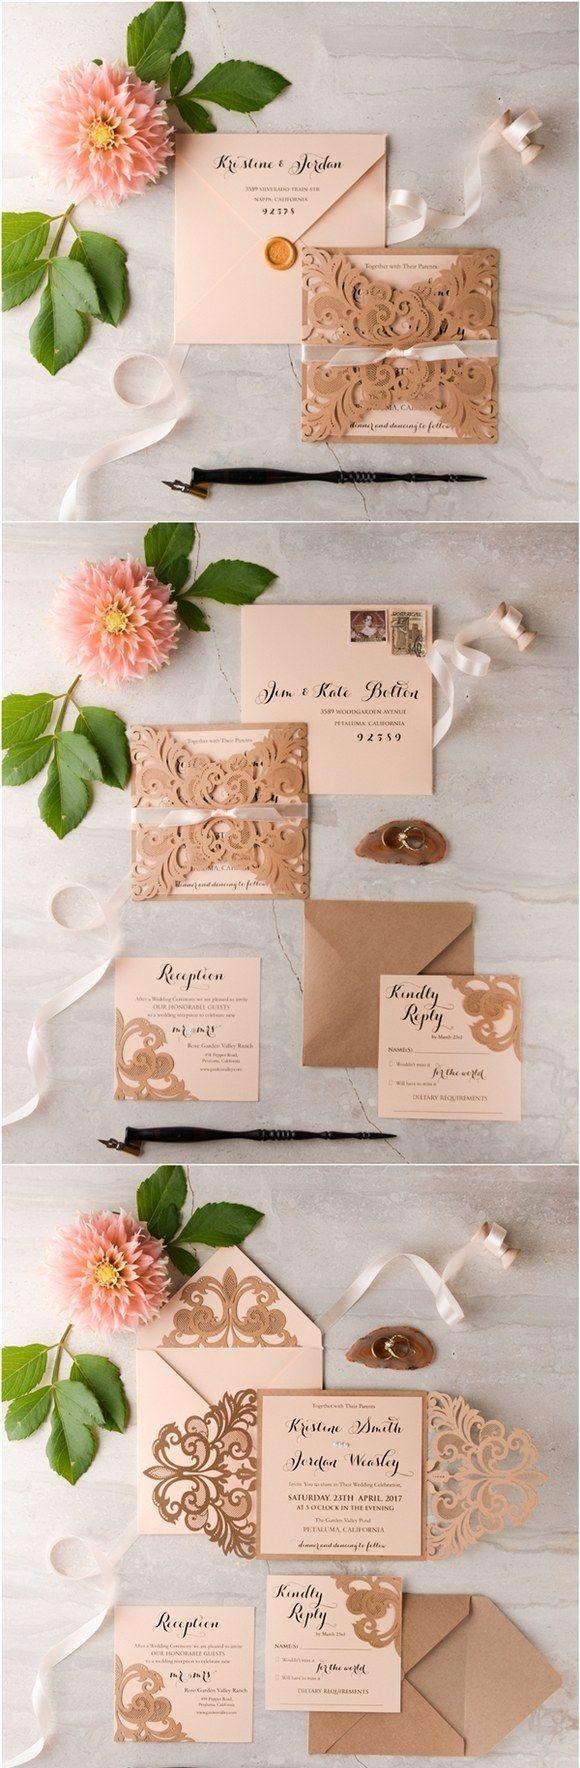 Rustic peach laser cut wedding invitations #rusticwedding ...